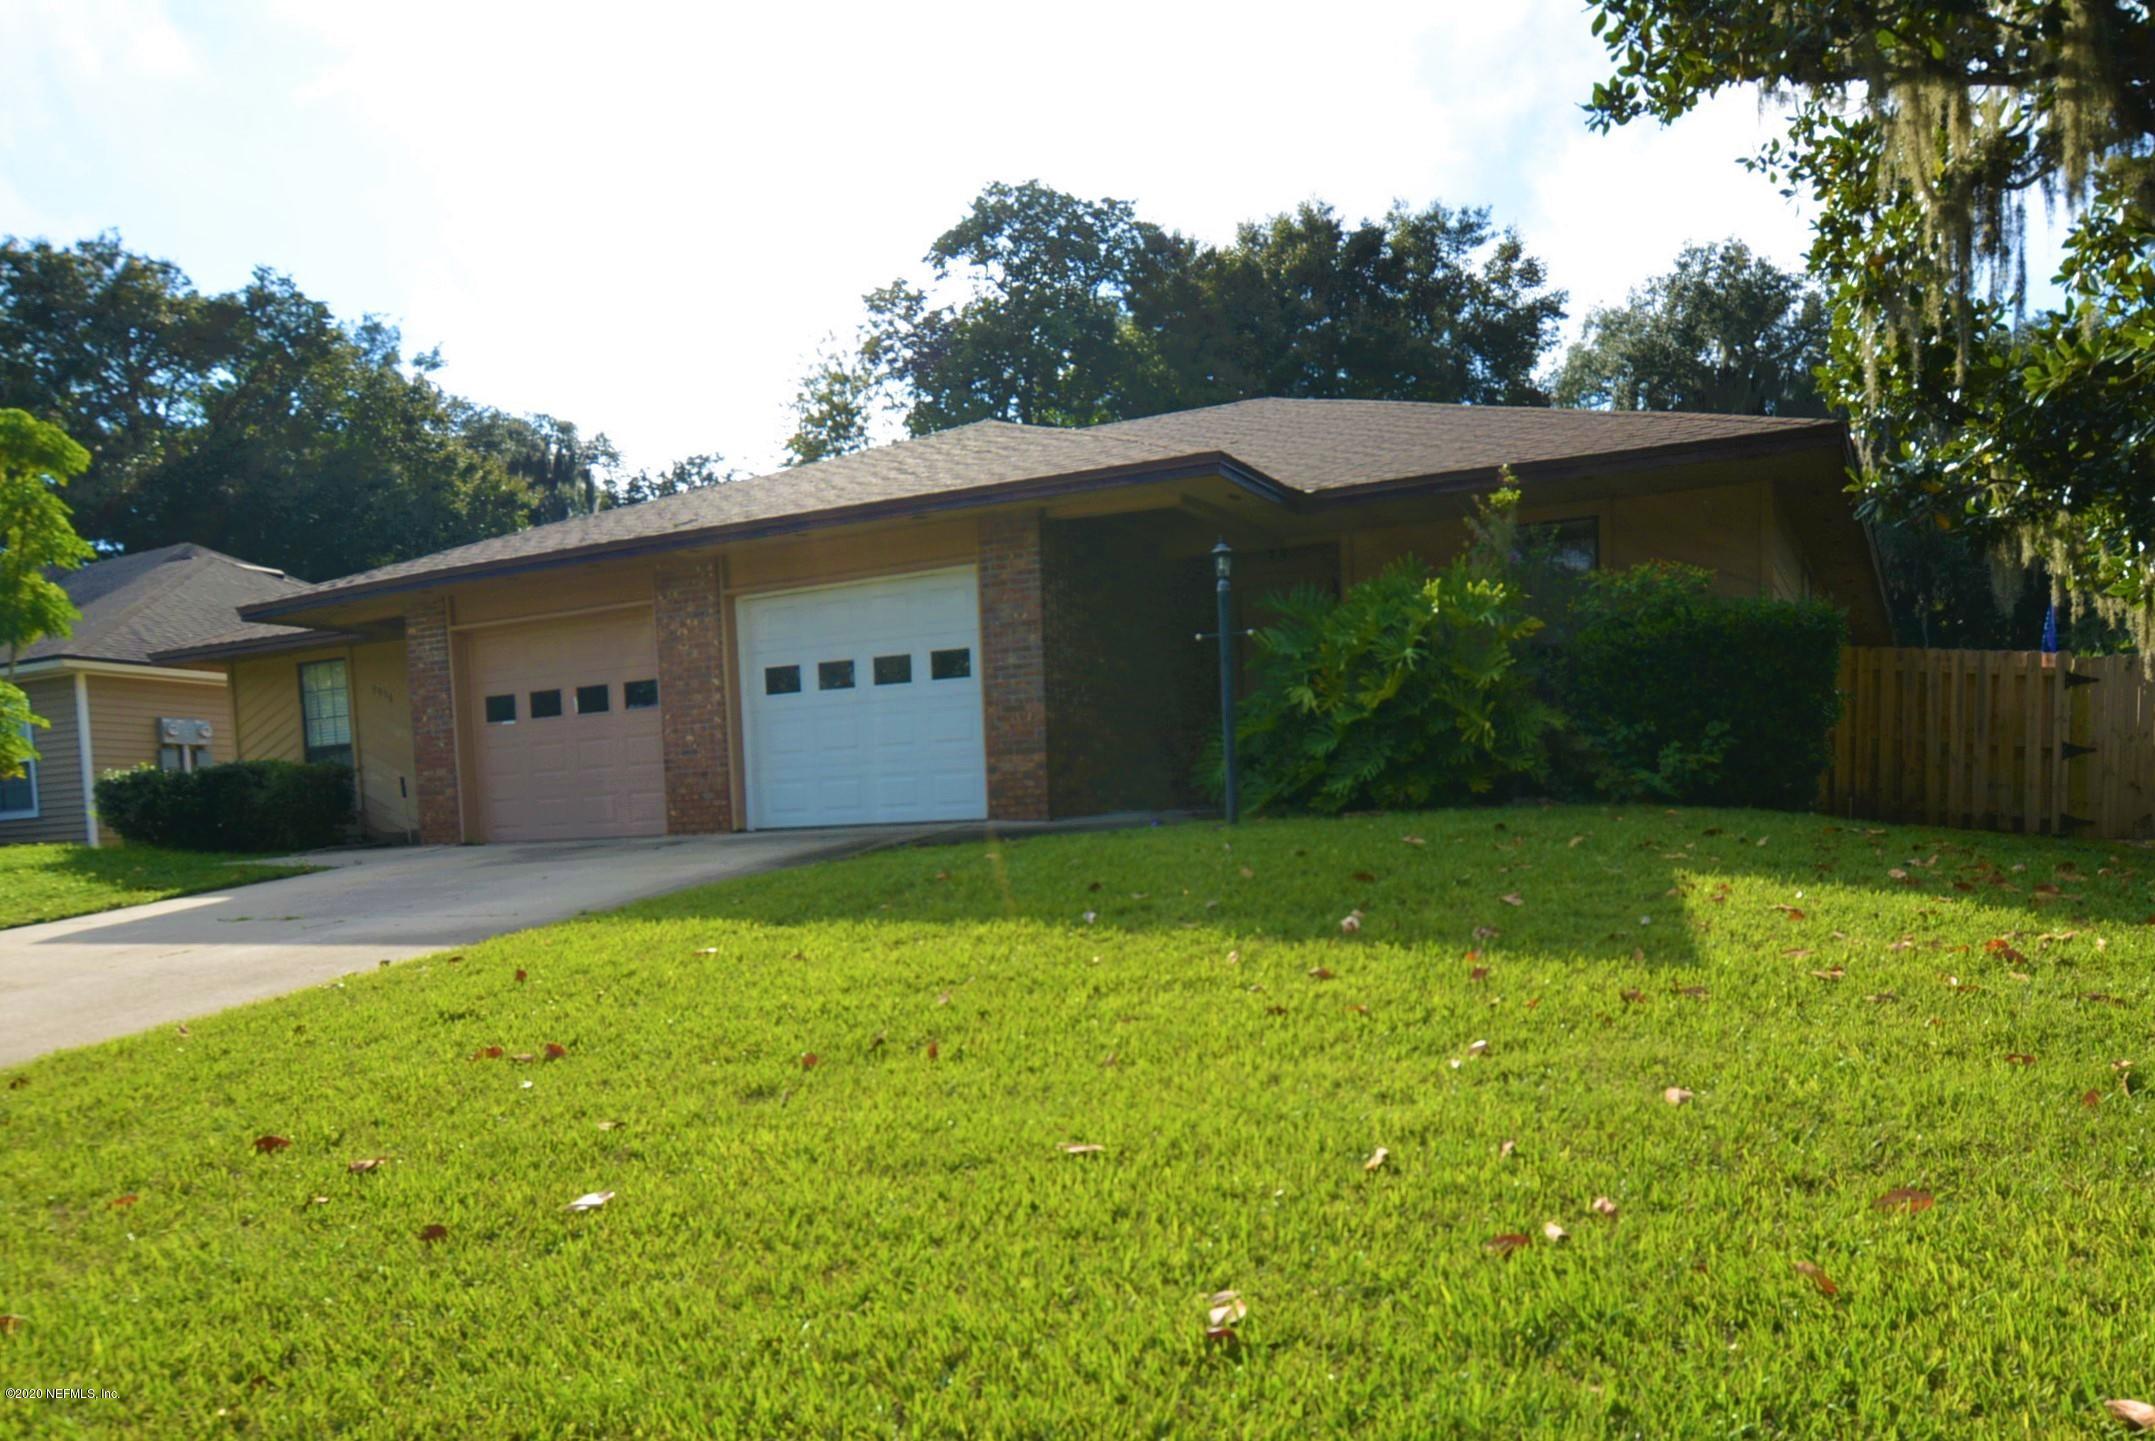 3962 Hollows Dr Unit 2 Jacksonville, FL 32225